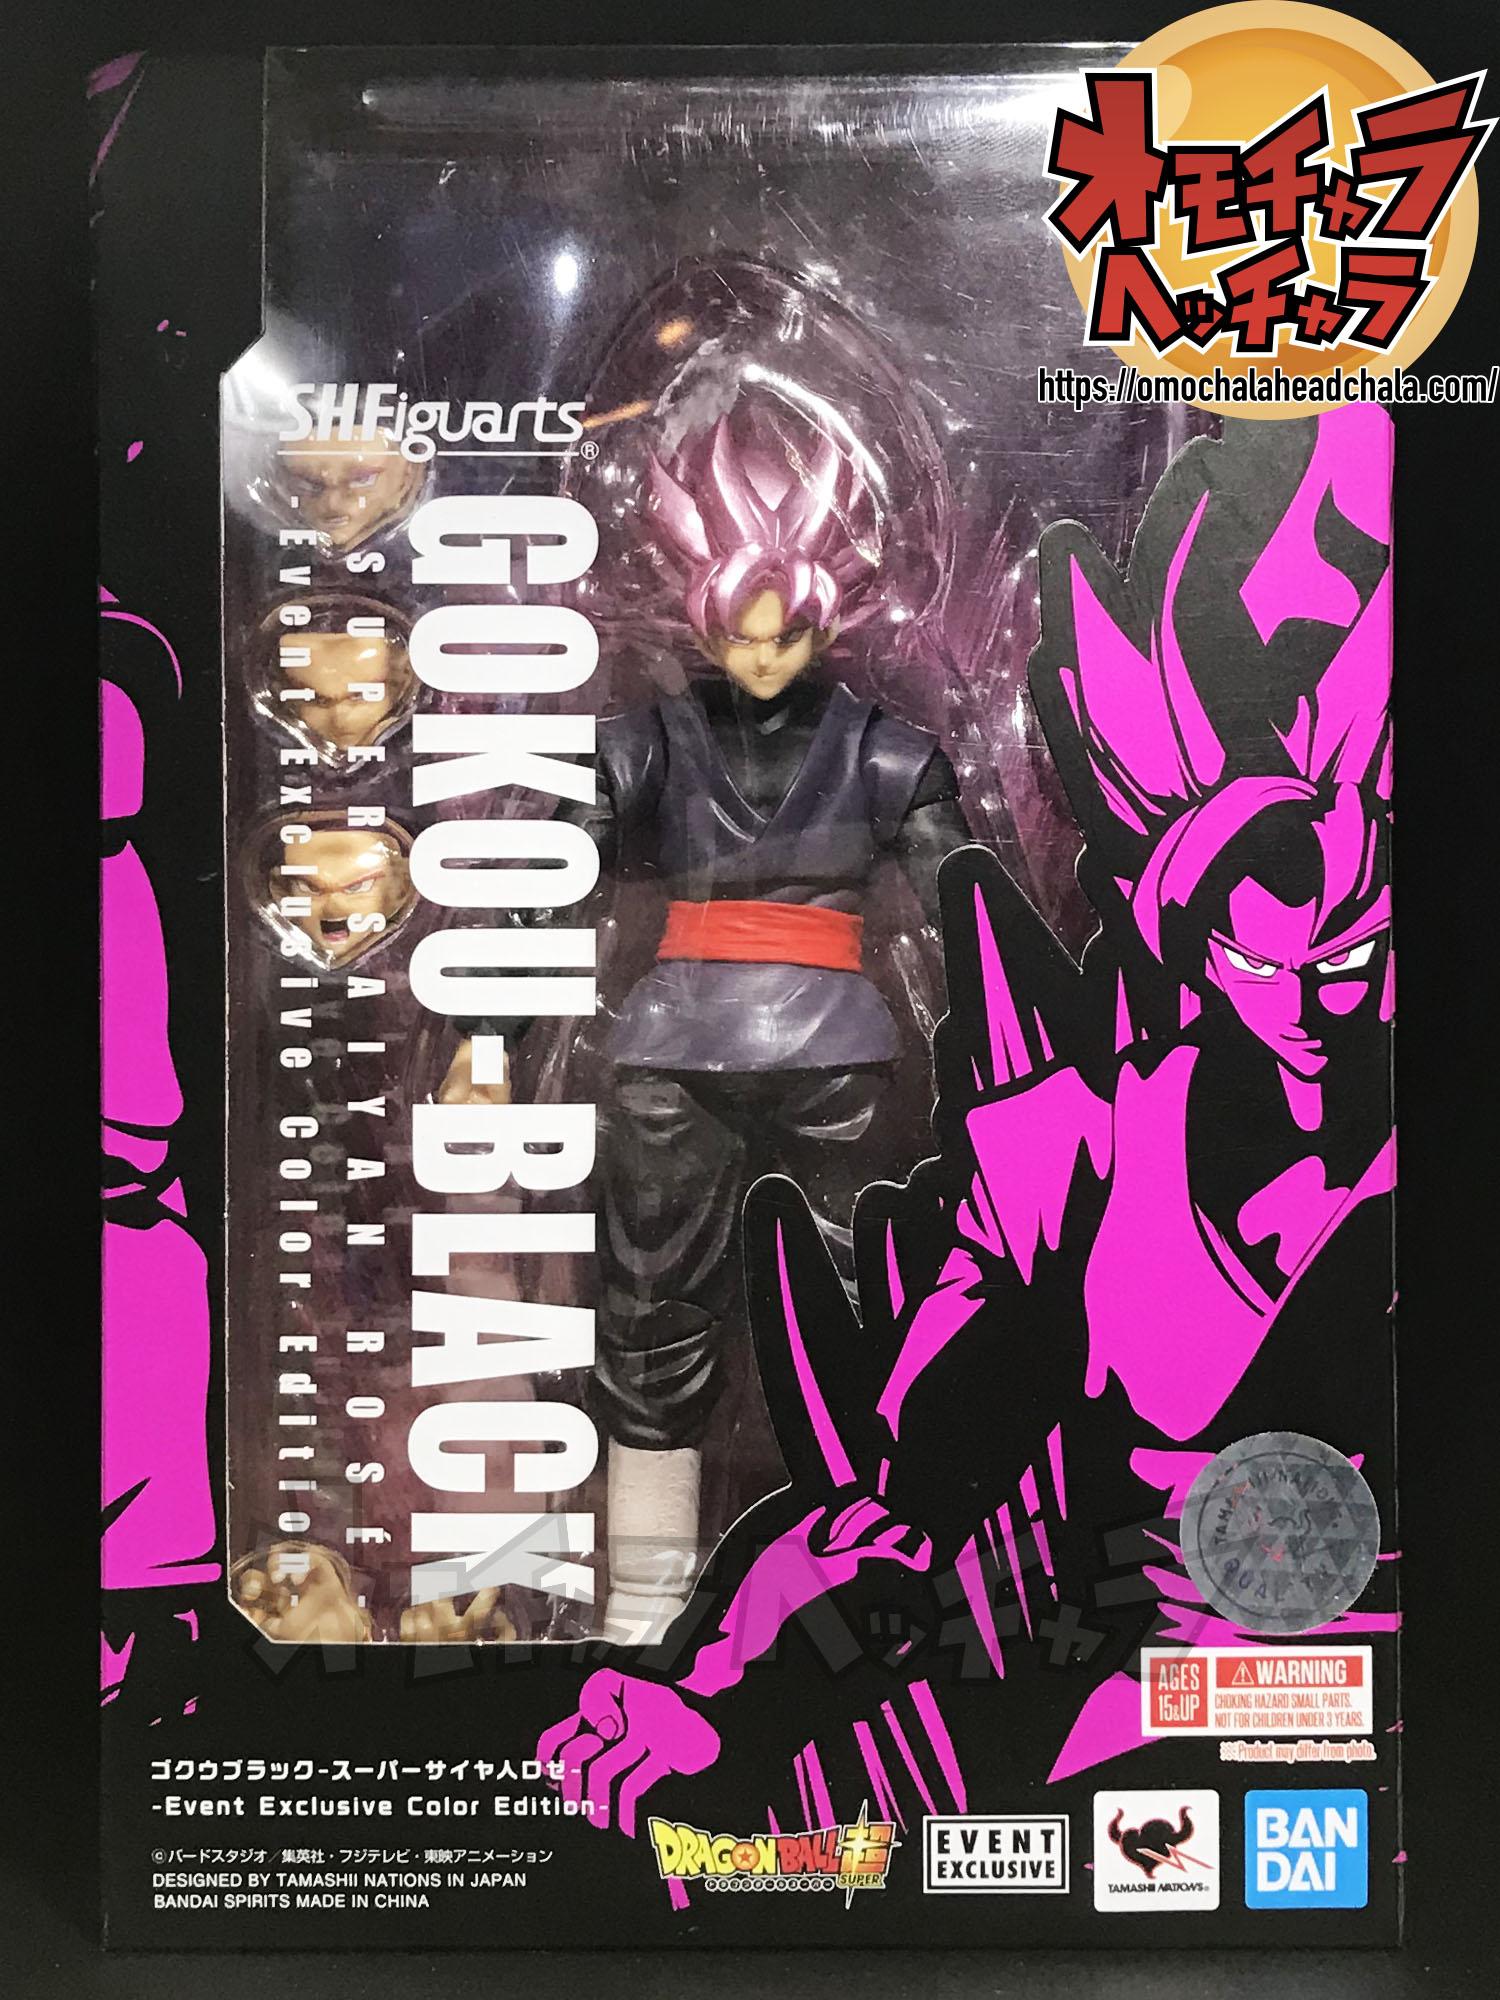 ドラゴンボールフィギュアレビューブログの魂ネイション2019S.H.Figuarts GOKU BLACK -SUPER SAIYAN ROSE- -Event Exclusive Color Edition-(ゴクウブラック超サイヤ人ロゼ)